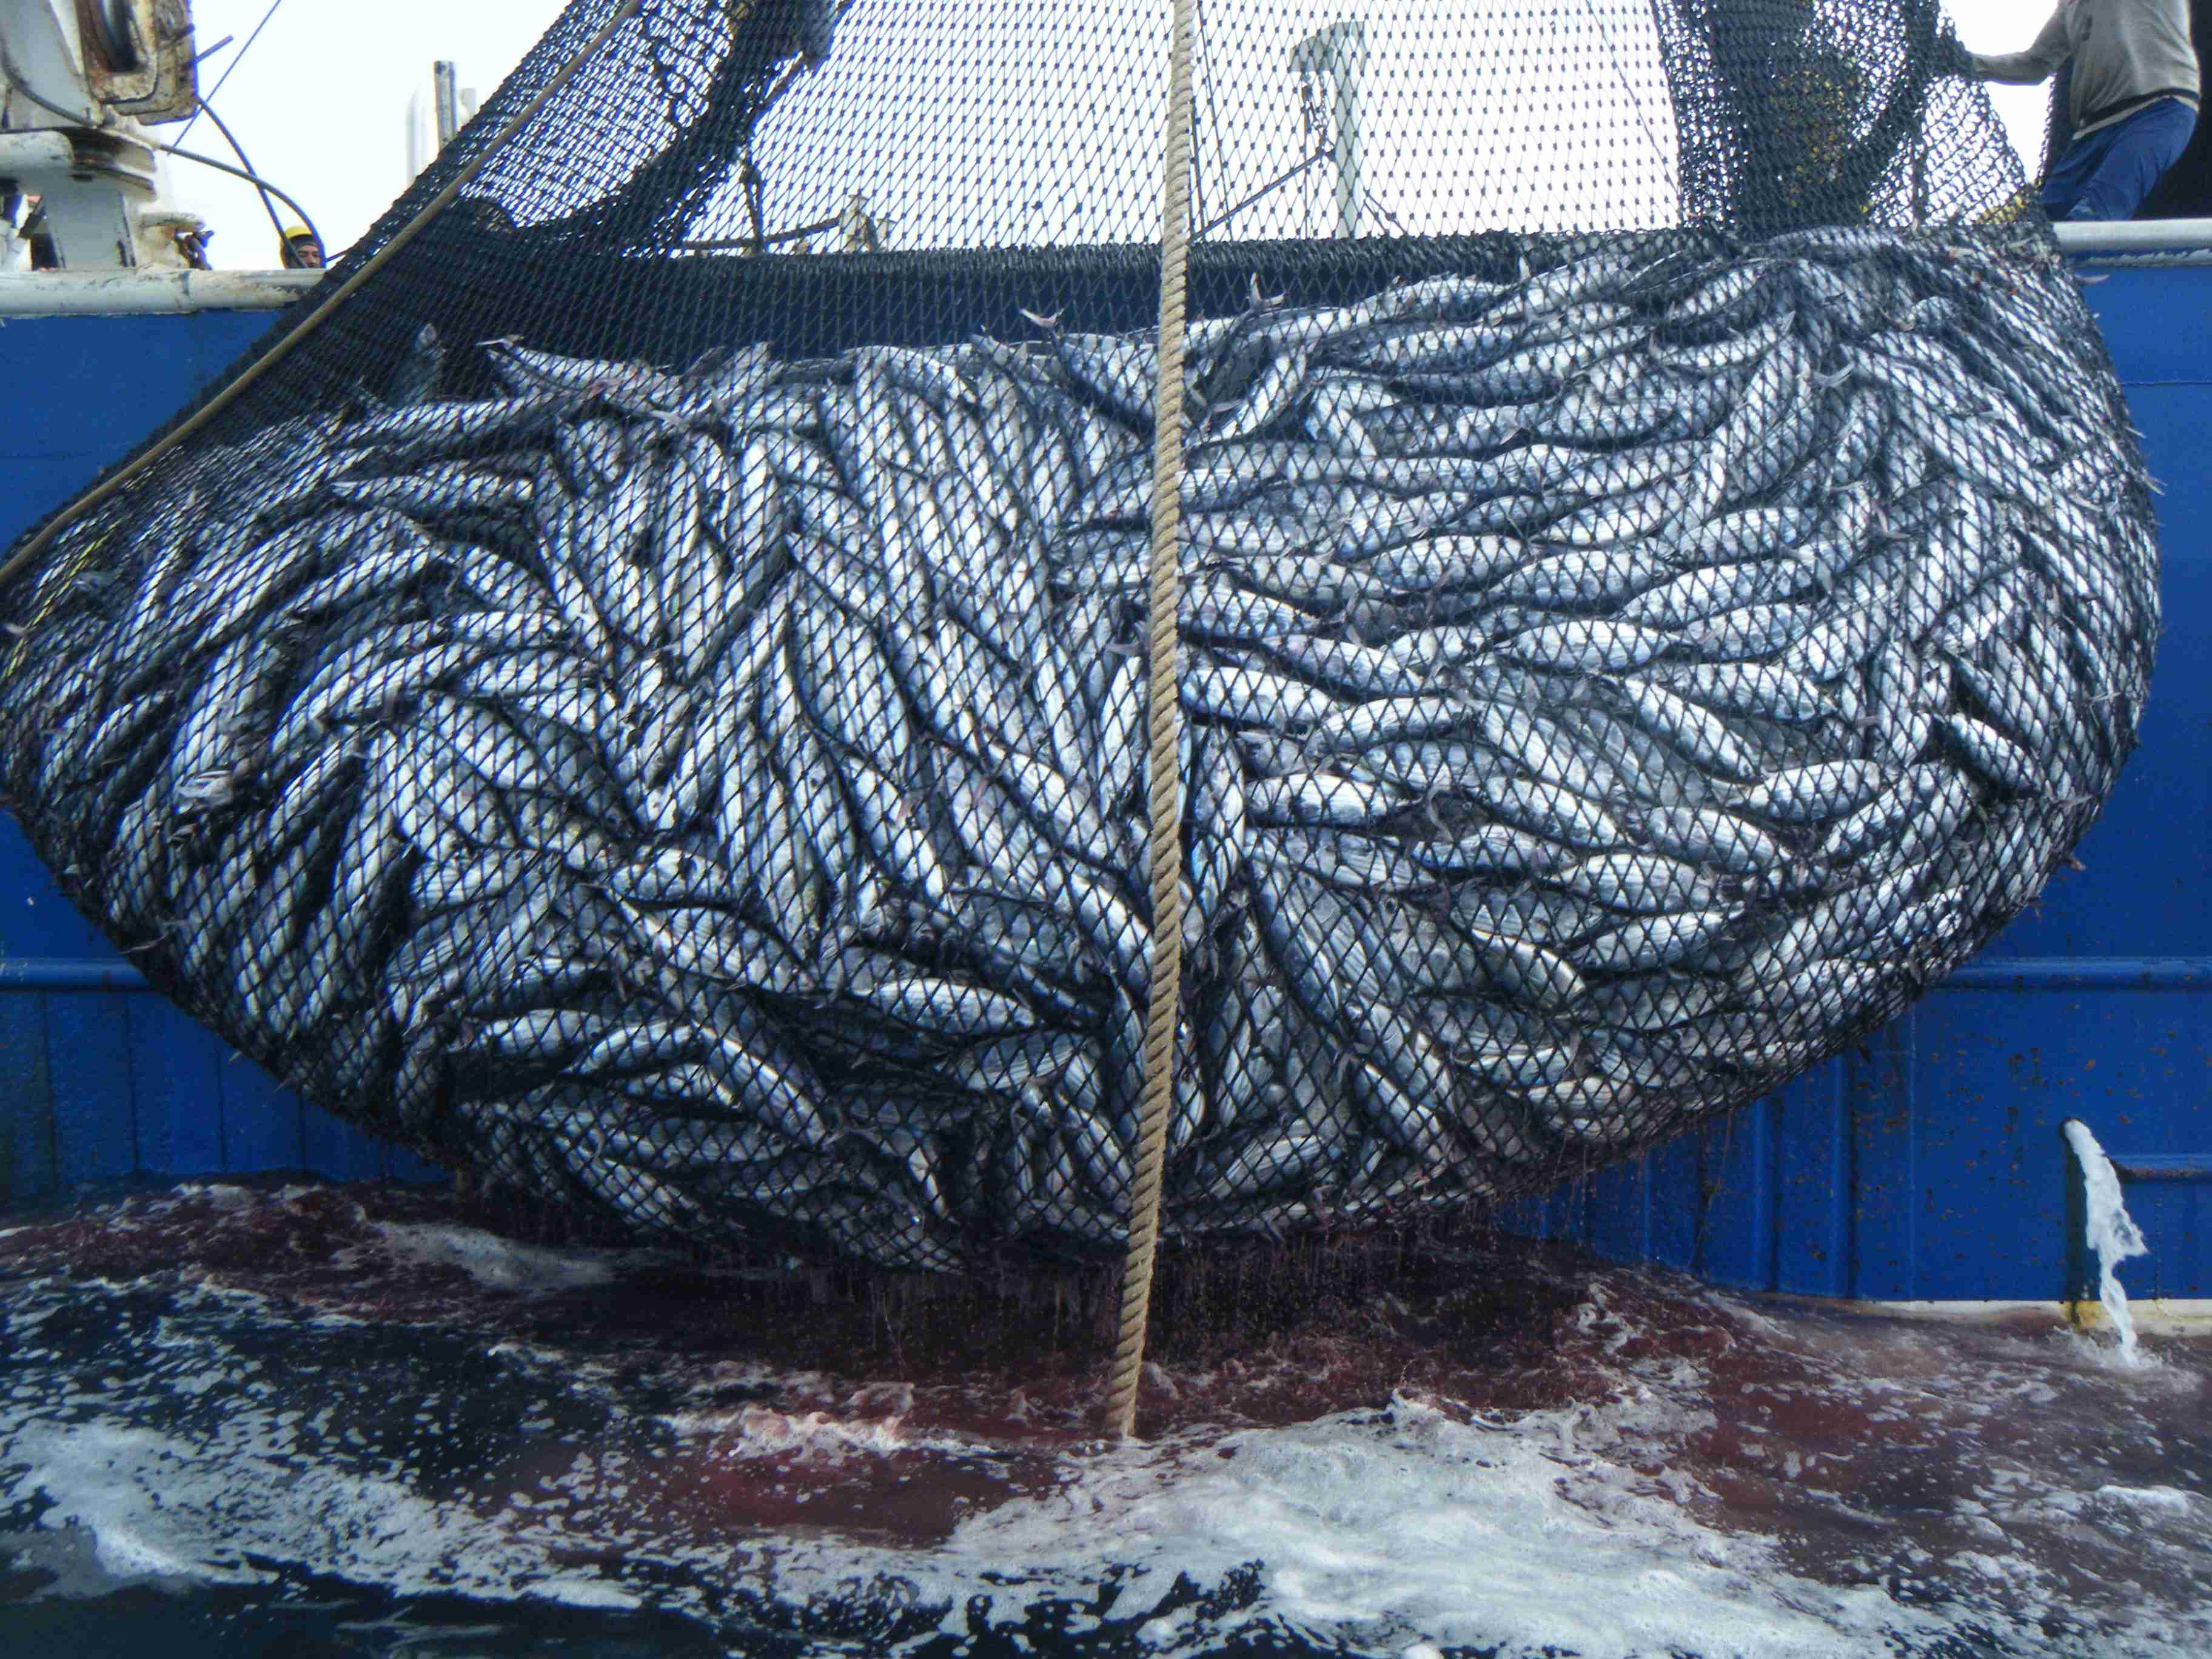 Pesca e acquacoltura insieme per il made in Italy: i risultati del programma Mipaaf, Api e Federpesca